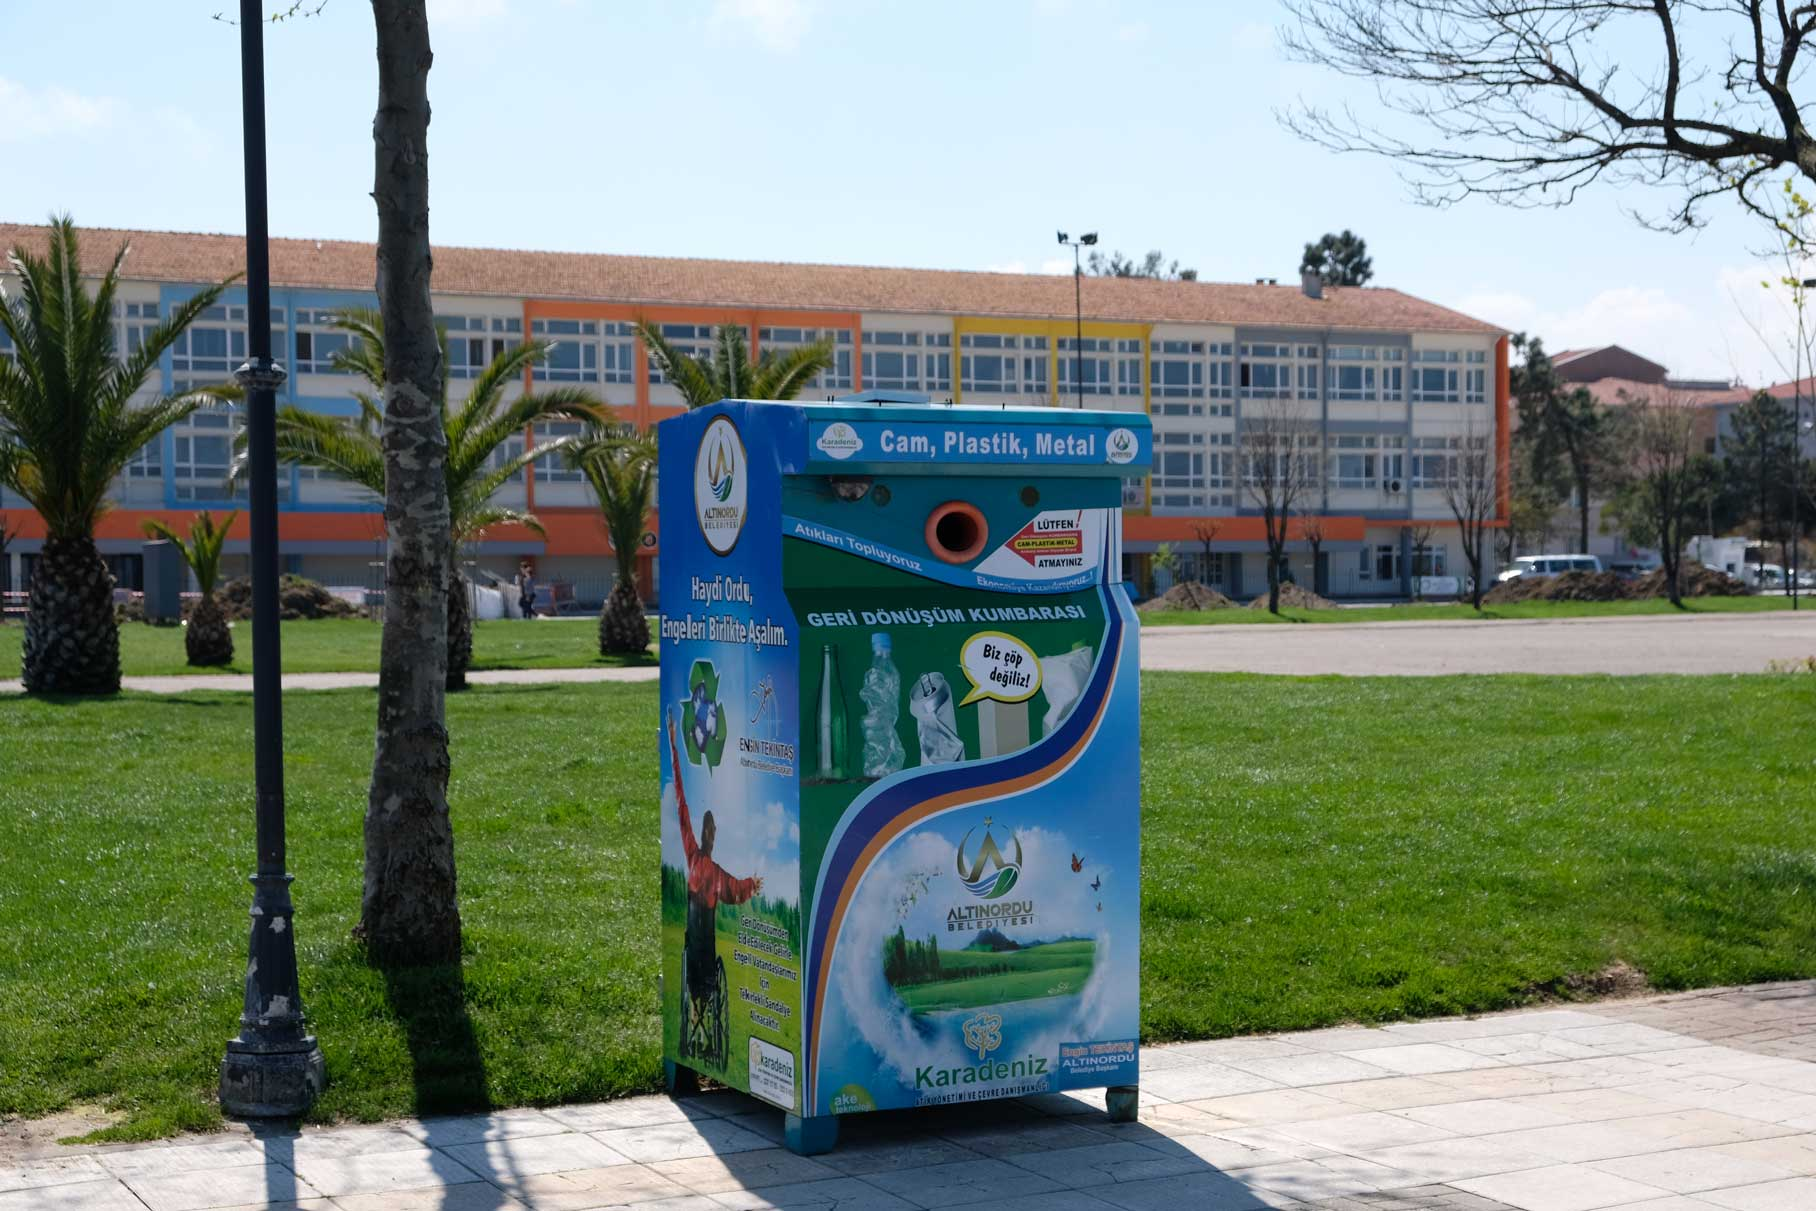 Ein Recycling-Container für Plastik